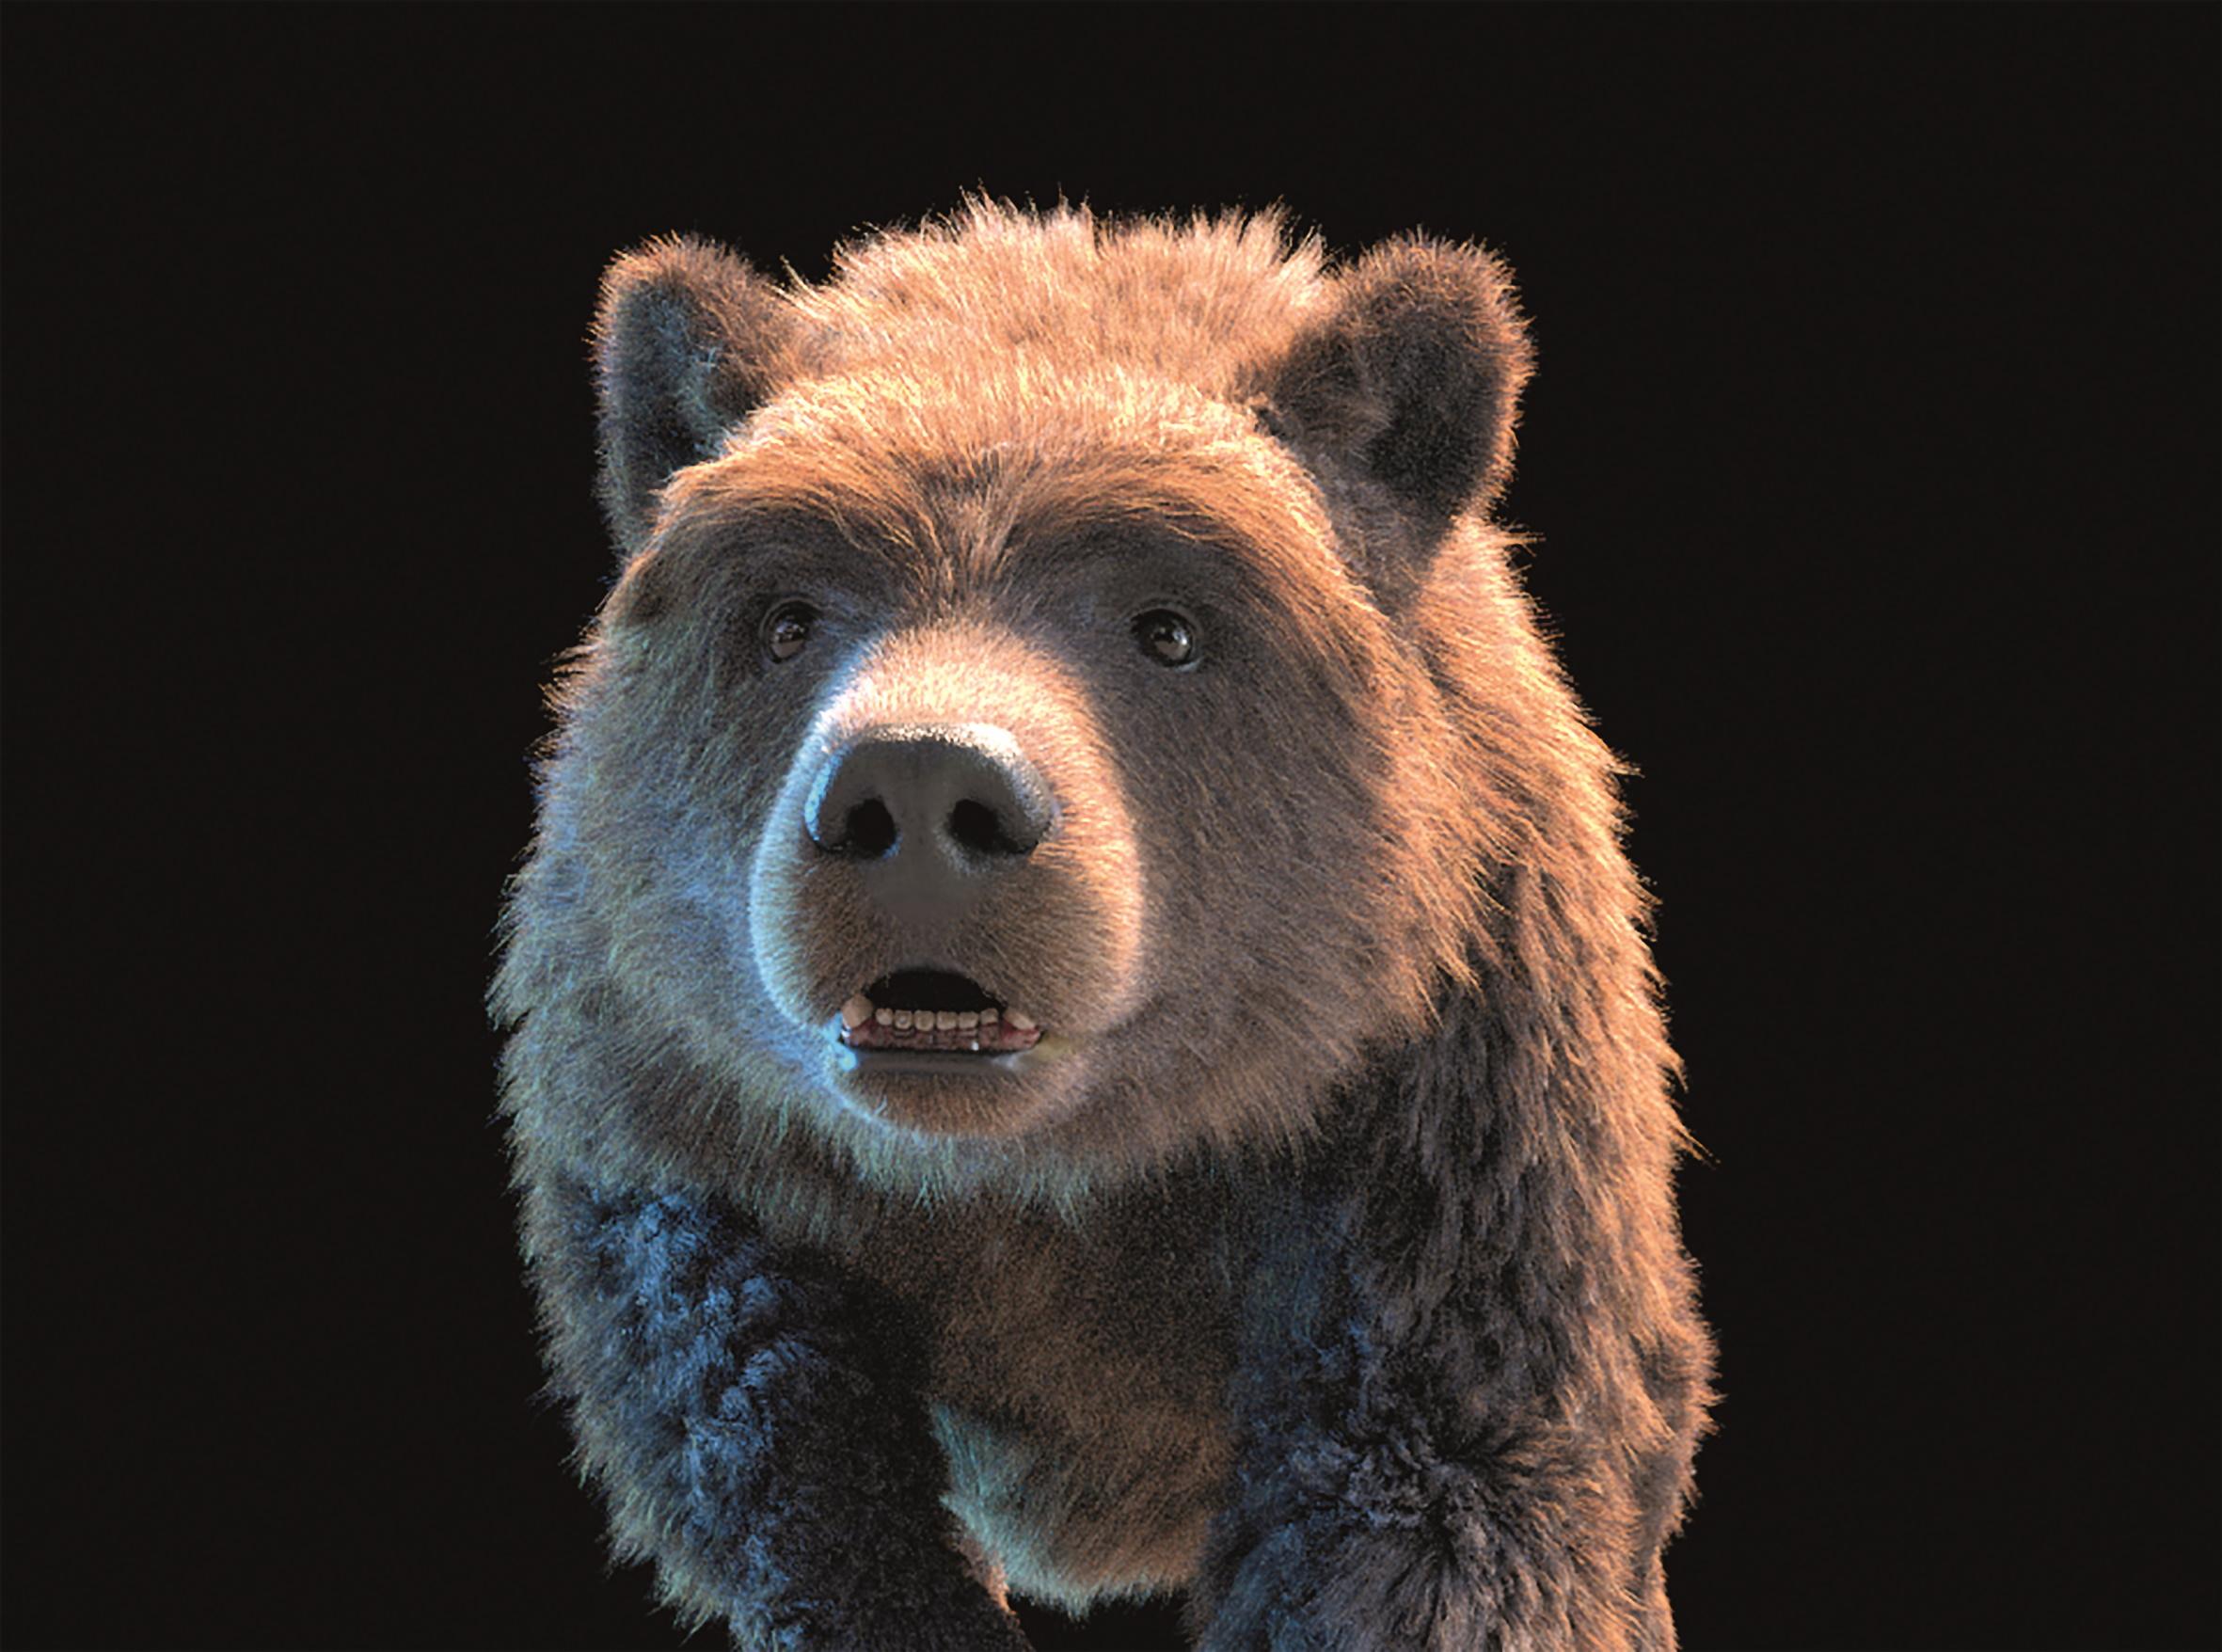 Bär mit ersten Fur-Tests